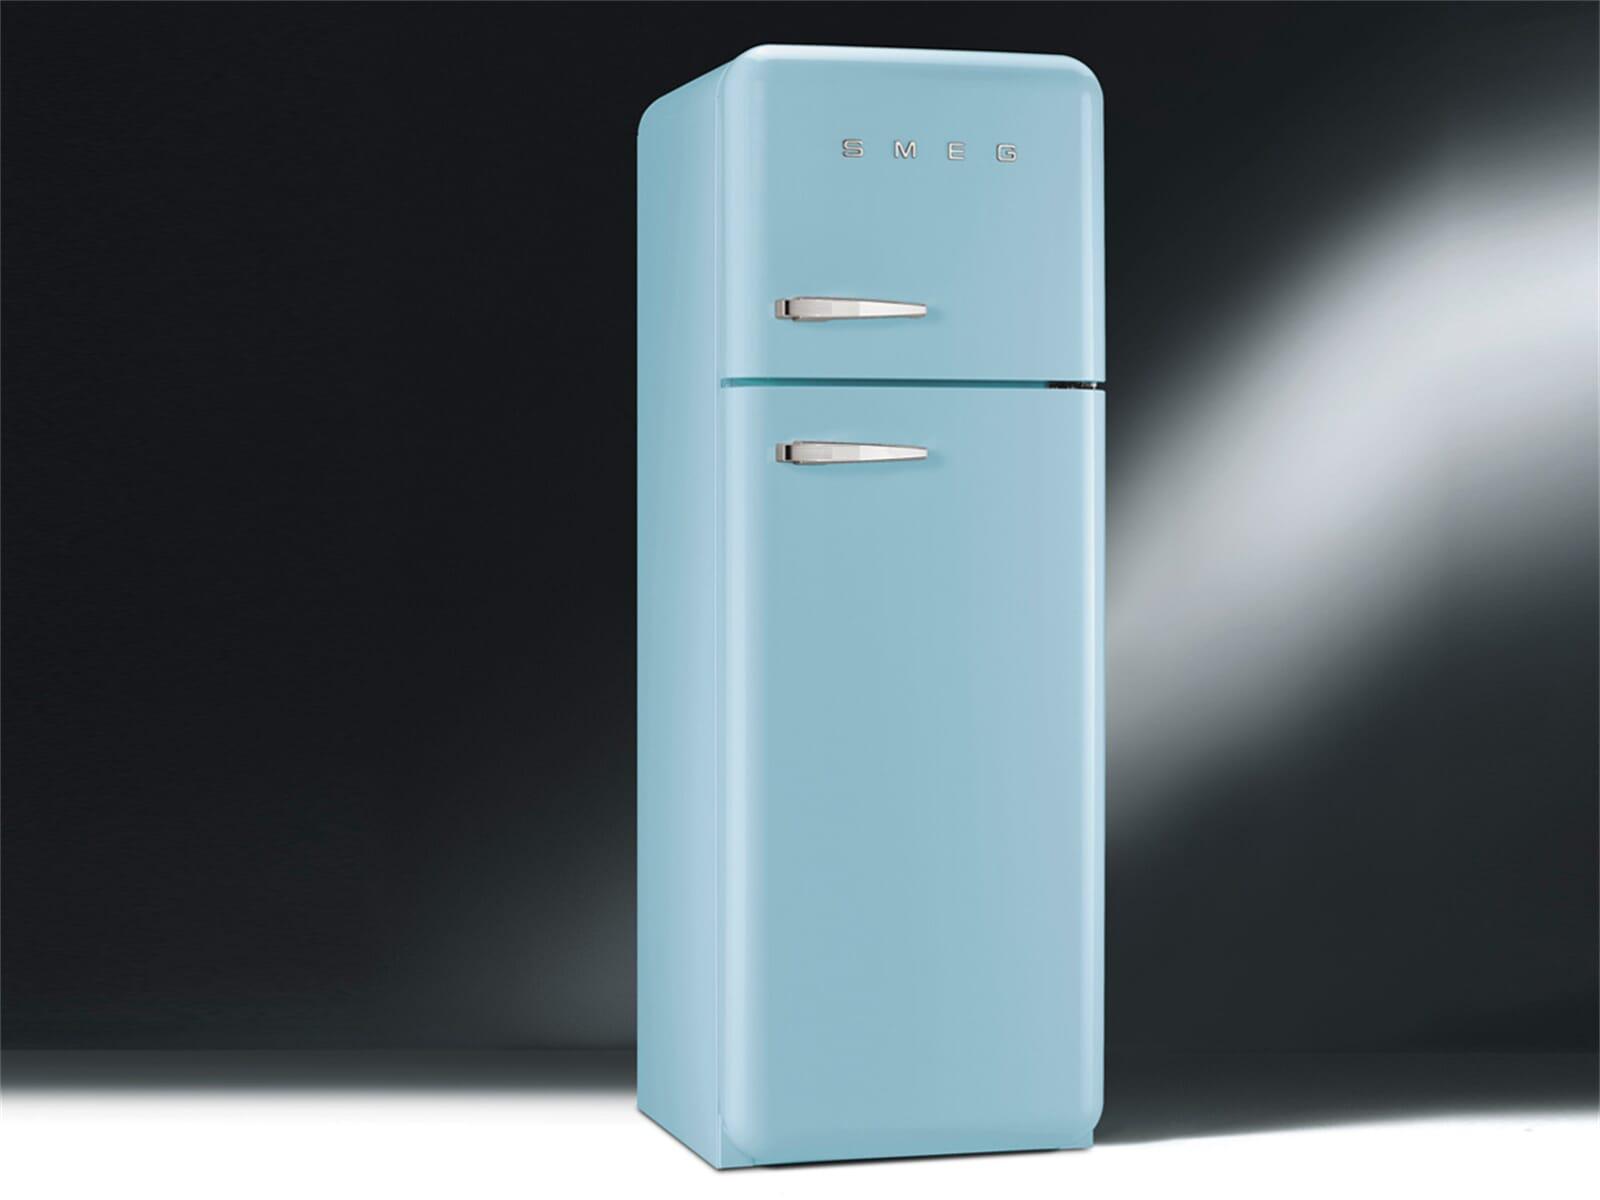 Smeg Kühlschrank Creme : Schrank kühlschrank smeg kühlschrank creme preissuchmaschine de